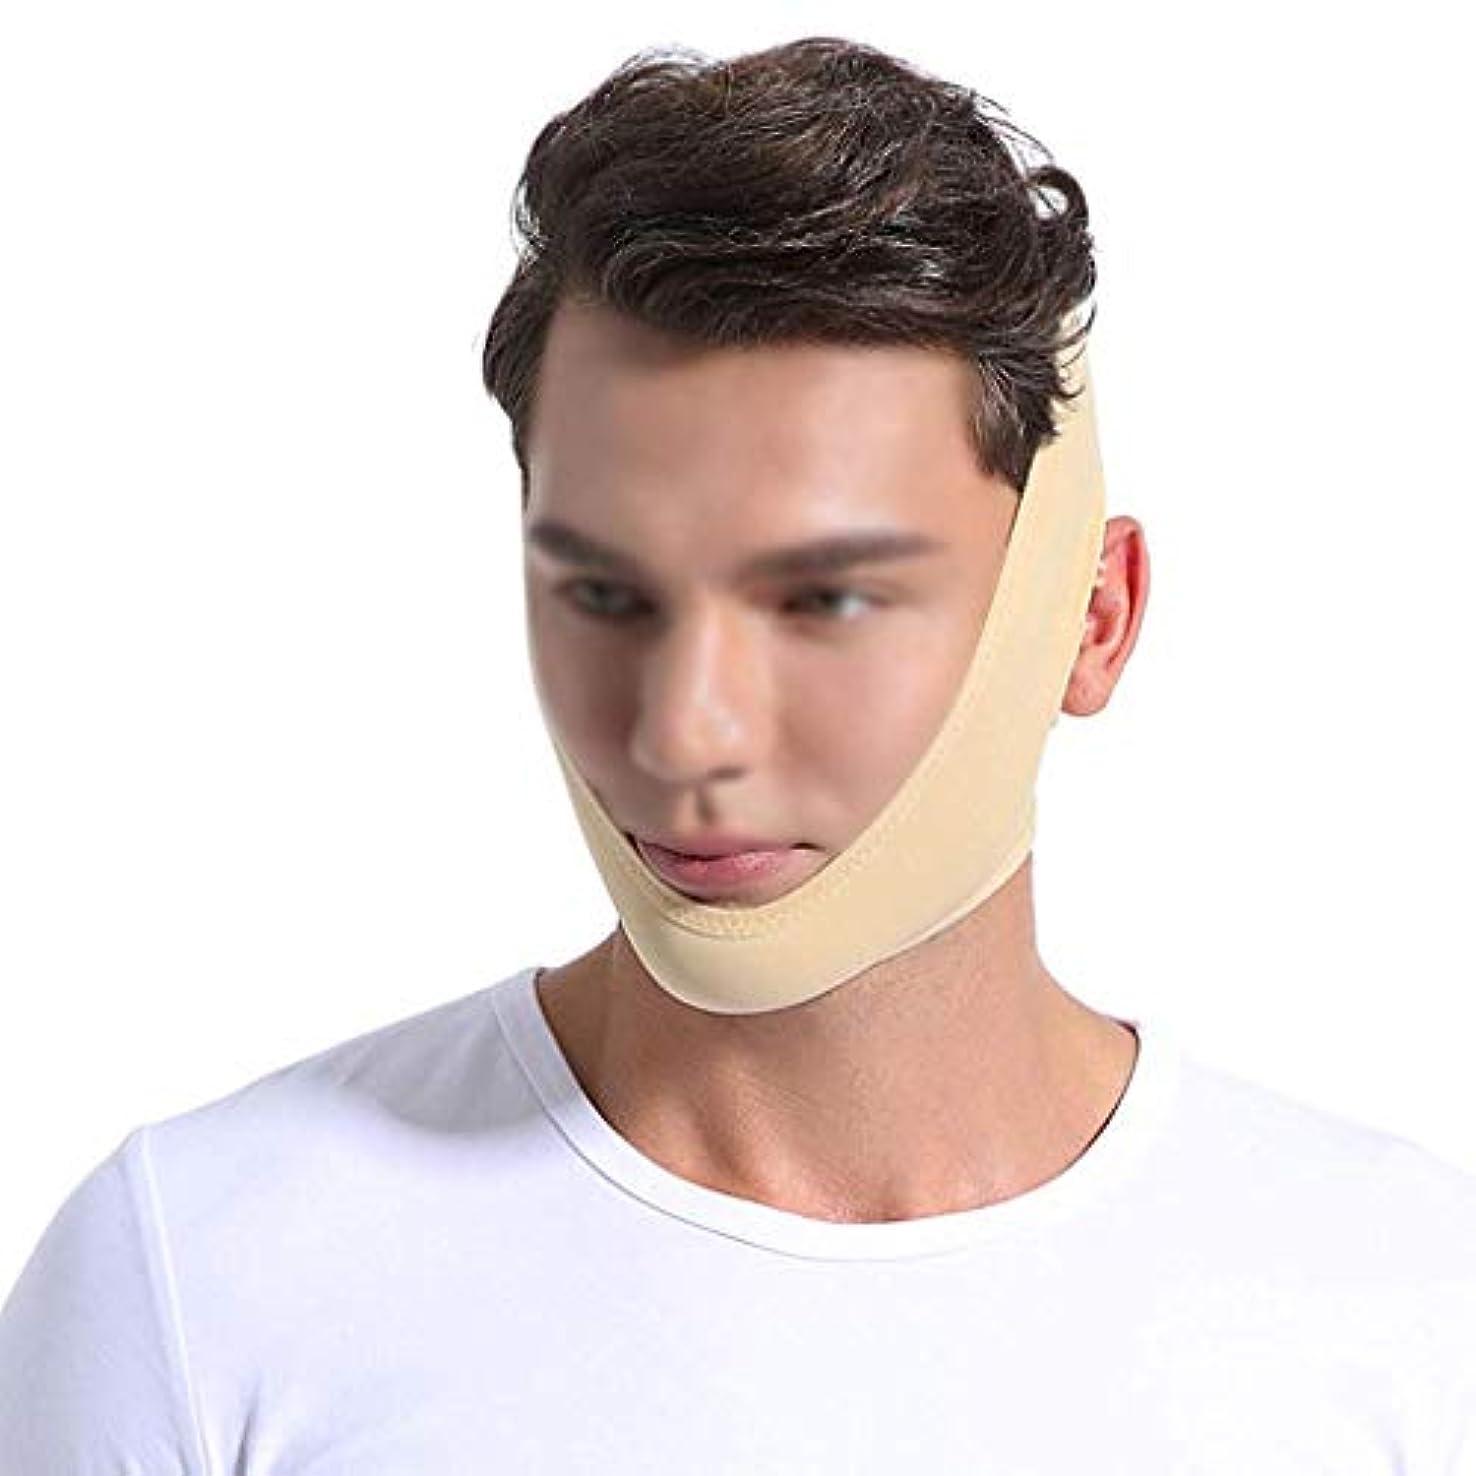 多様性フェリーマンハッタンは医療用ワイヤーカービングの後で持ち上がるマスクを再開します、人および女性の顔の伸縮性がある包帯のヘッドギア結ばれた小さいVの表面薄い表面マスク